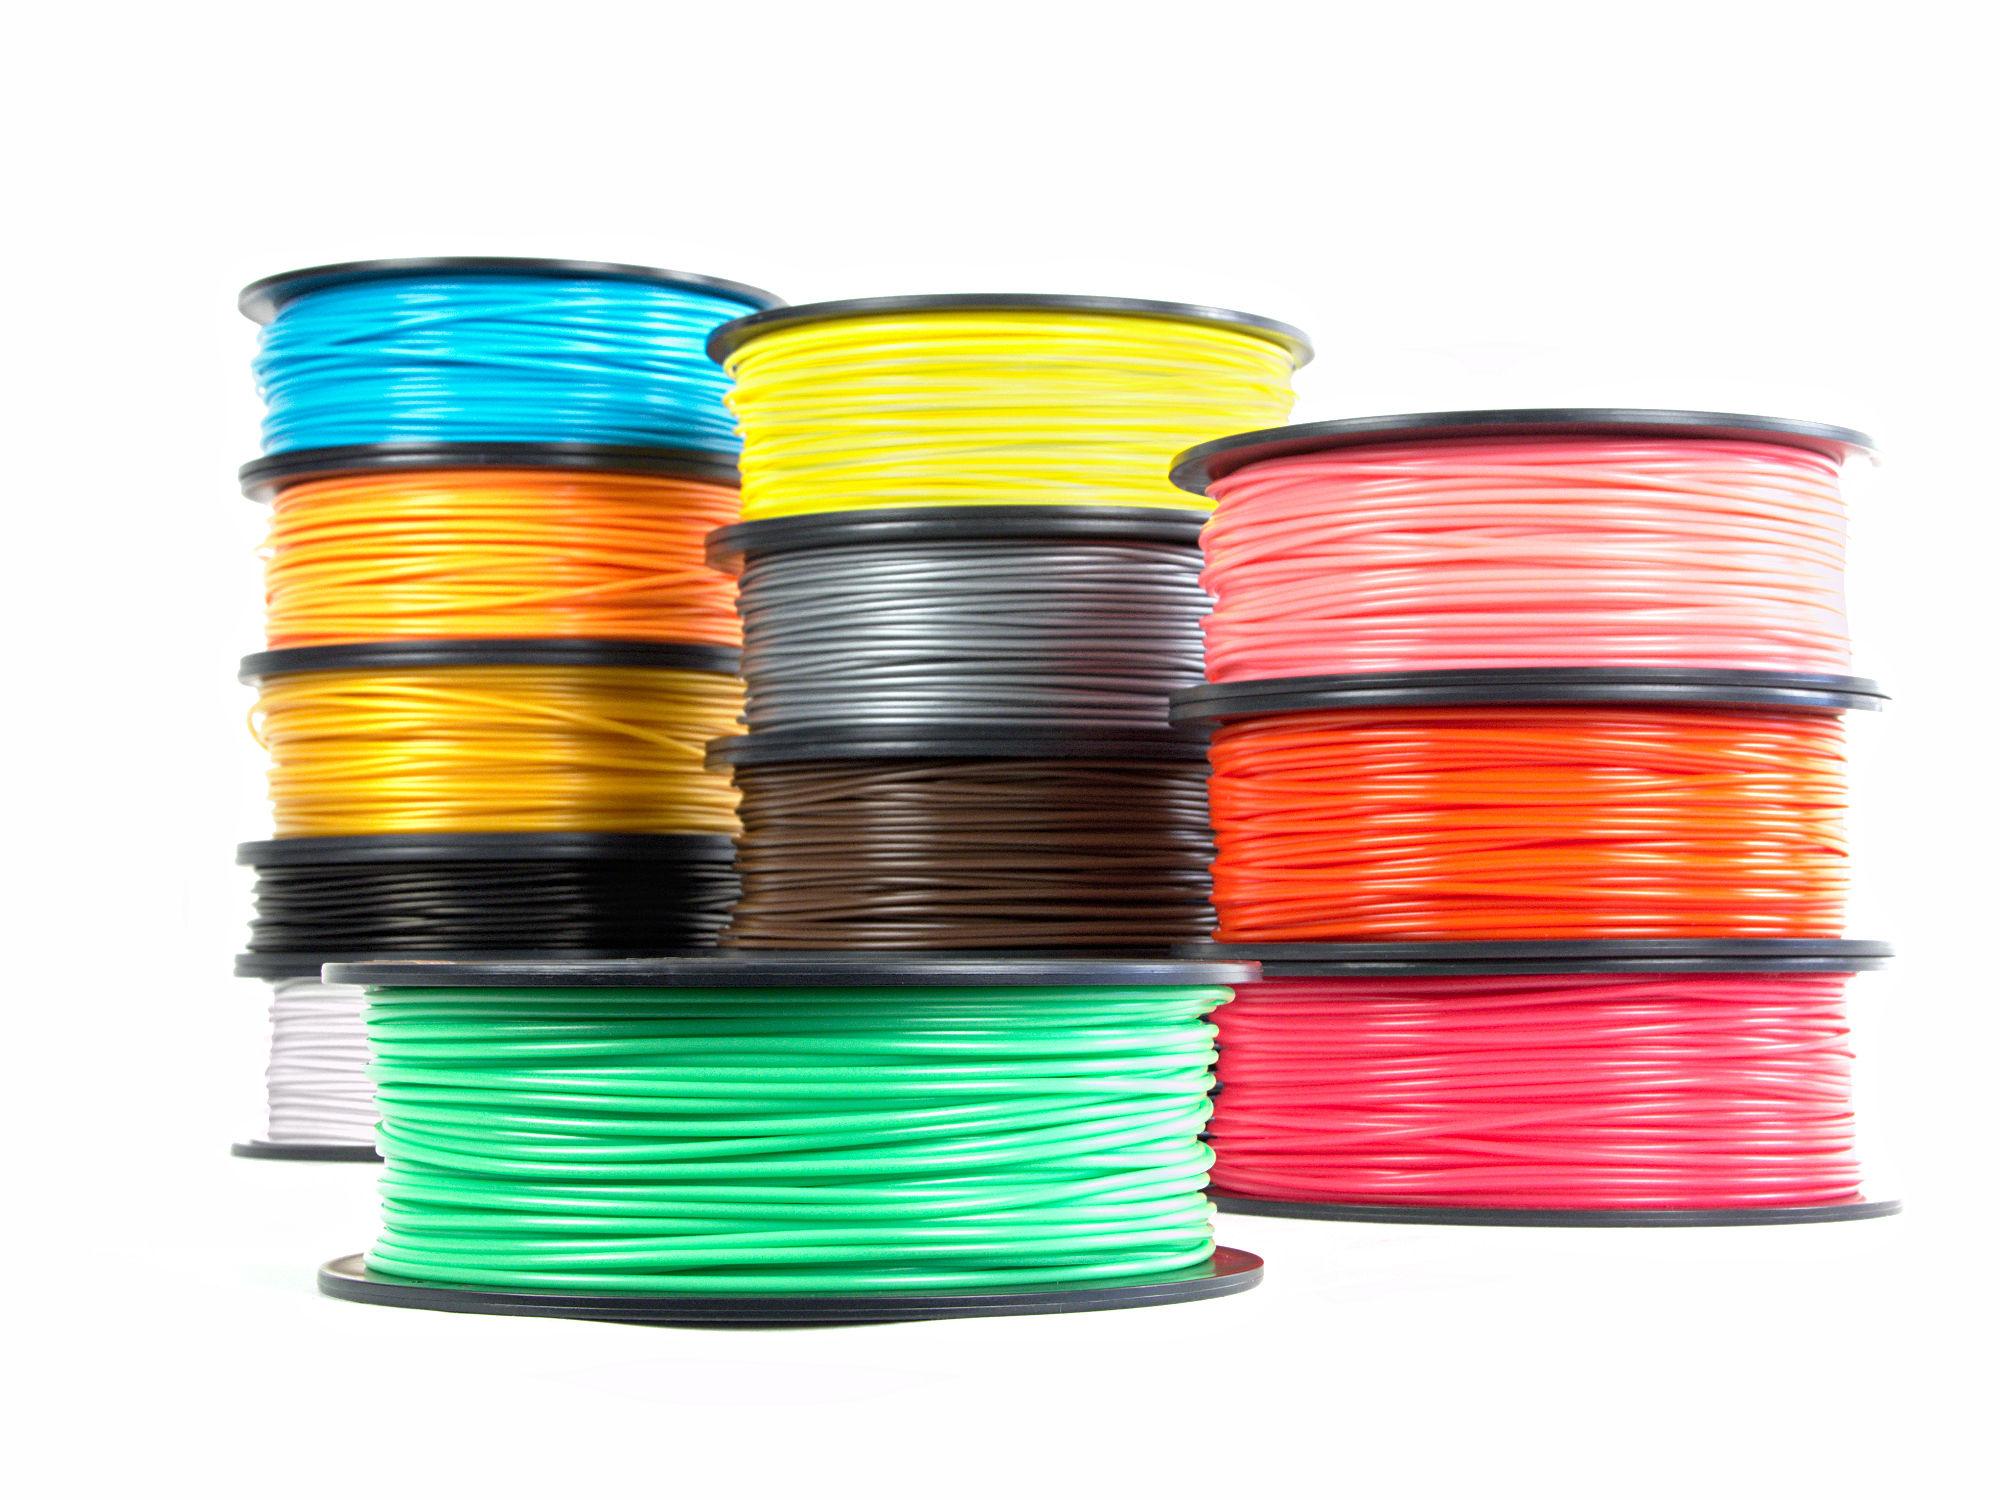 Regular Spools of Filament